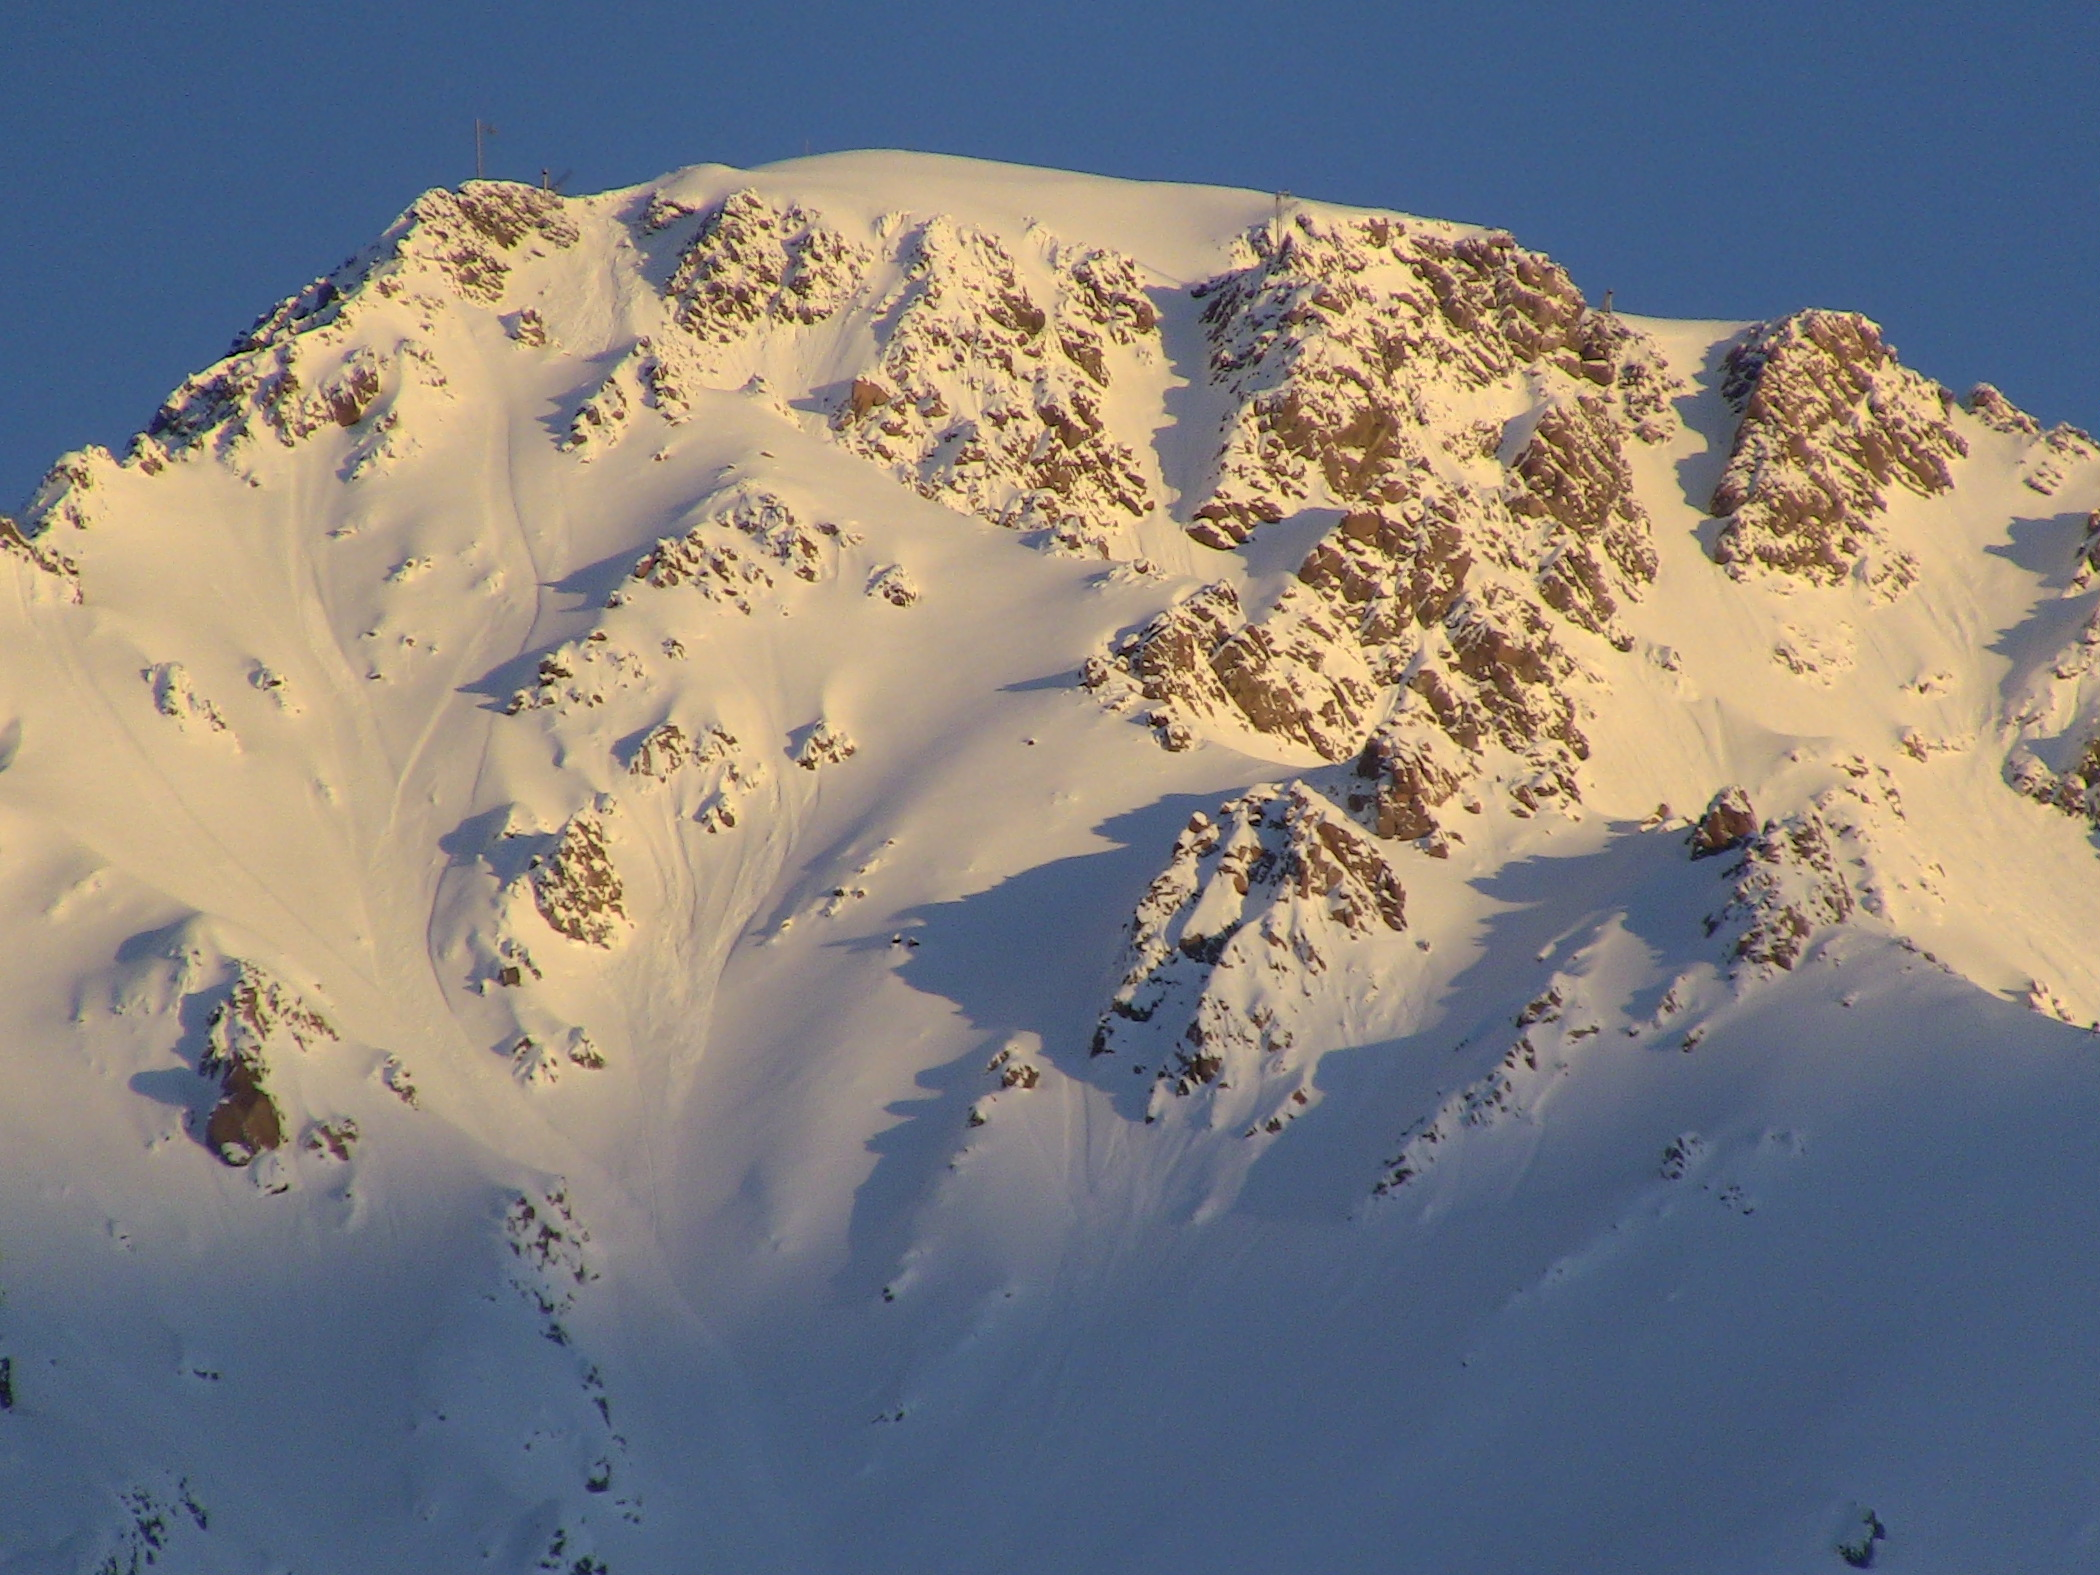 Las Lenas's Marte chair accessed terrain in 2011. photo: snowbrains